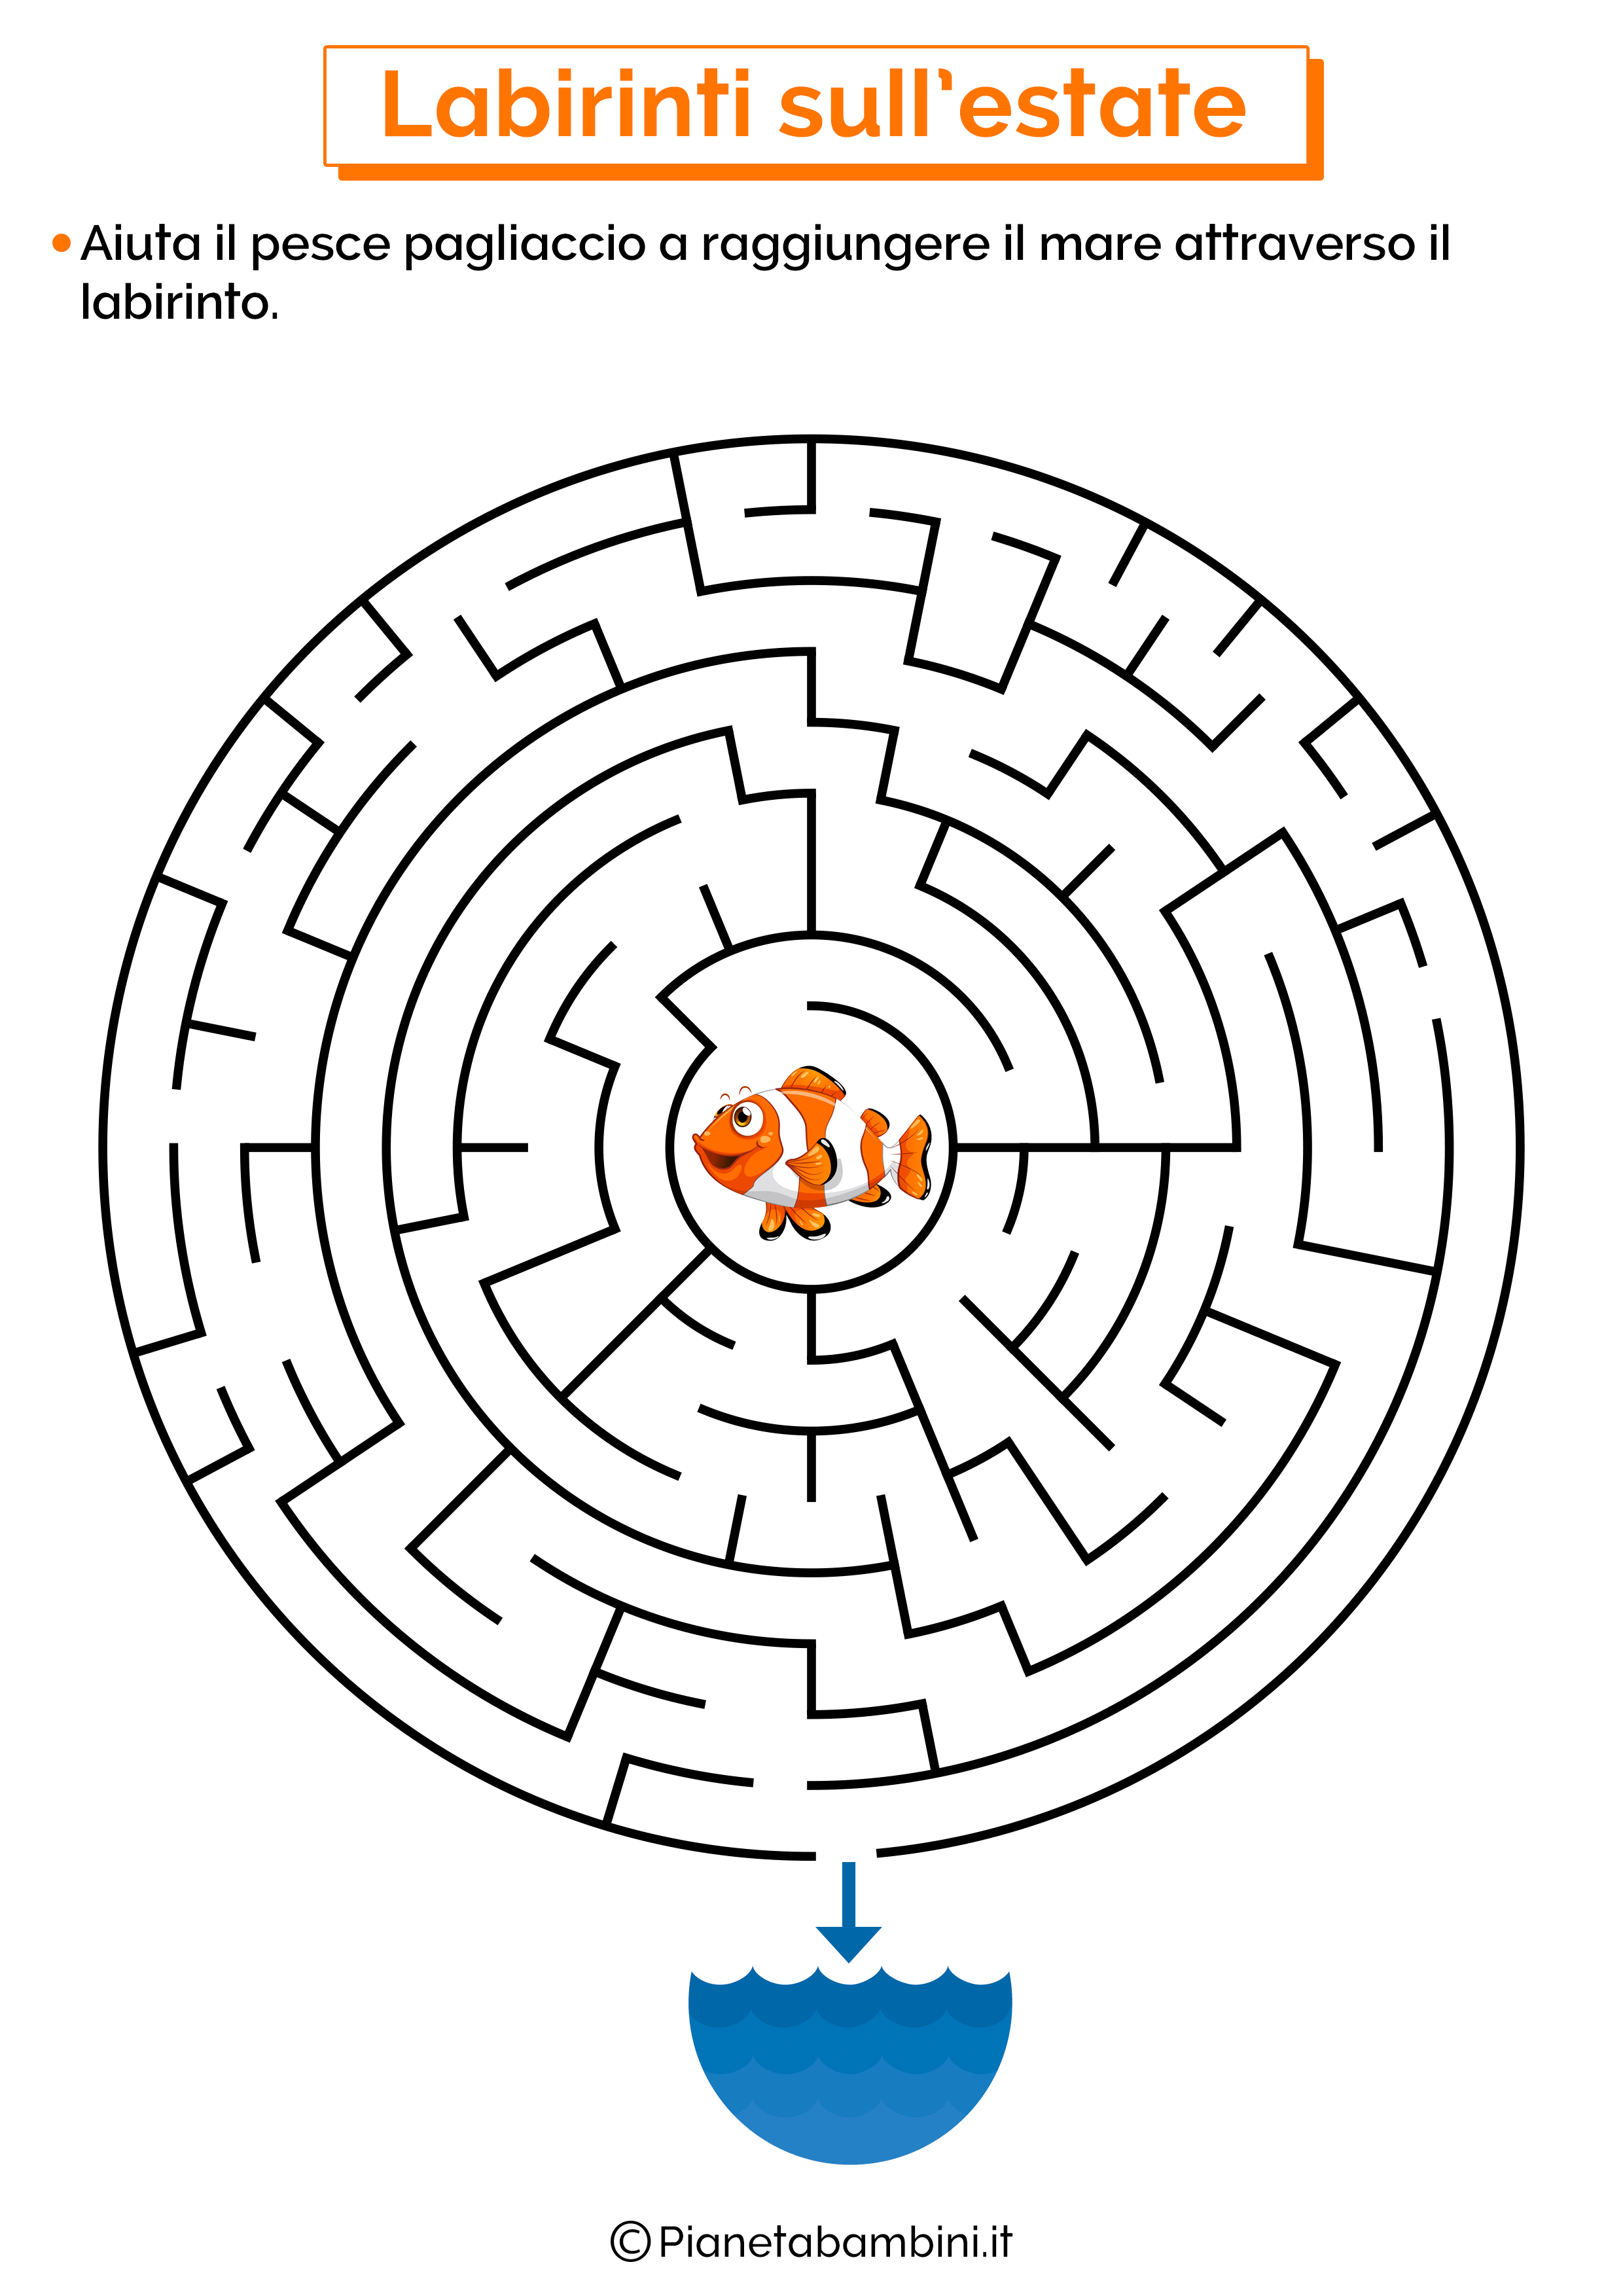 Labirinto sull'estate 11